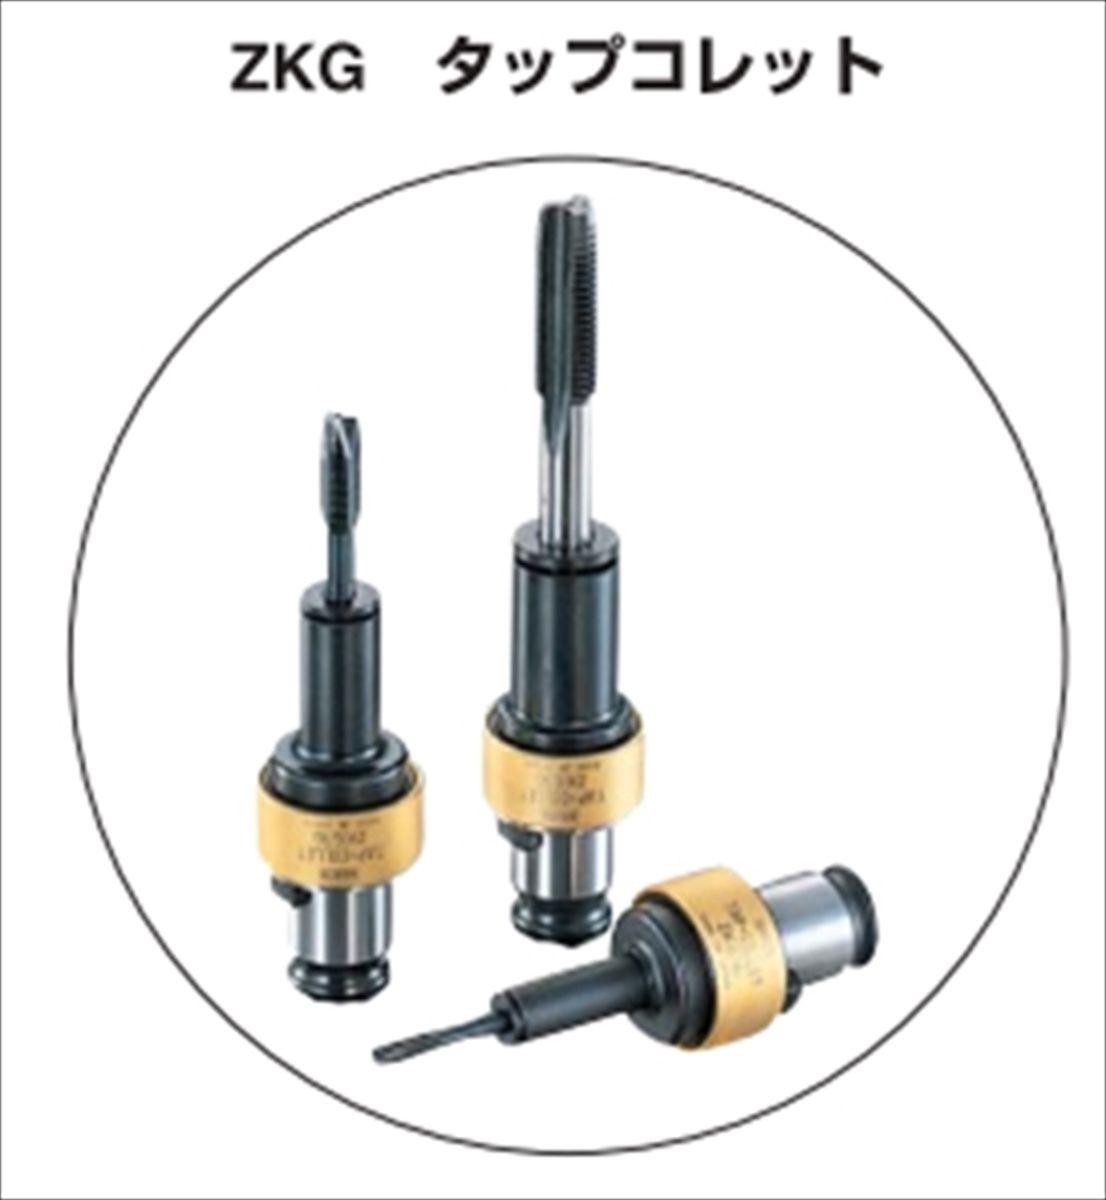 日研工作所 NIKKEN ZKG ワンタッチタップコレット (ZKG12-8)